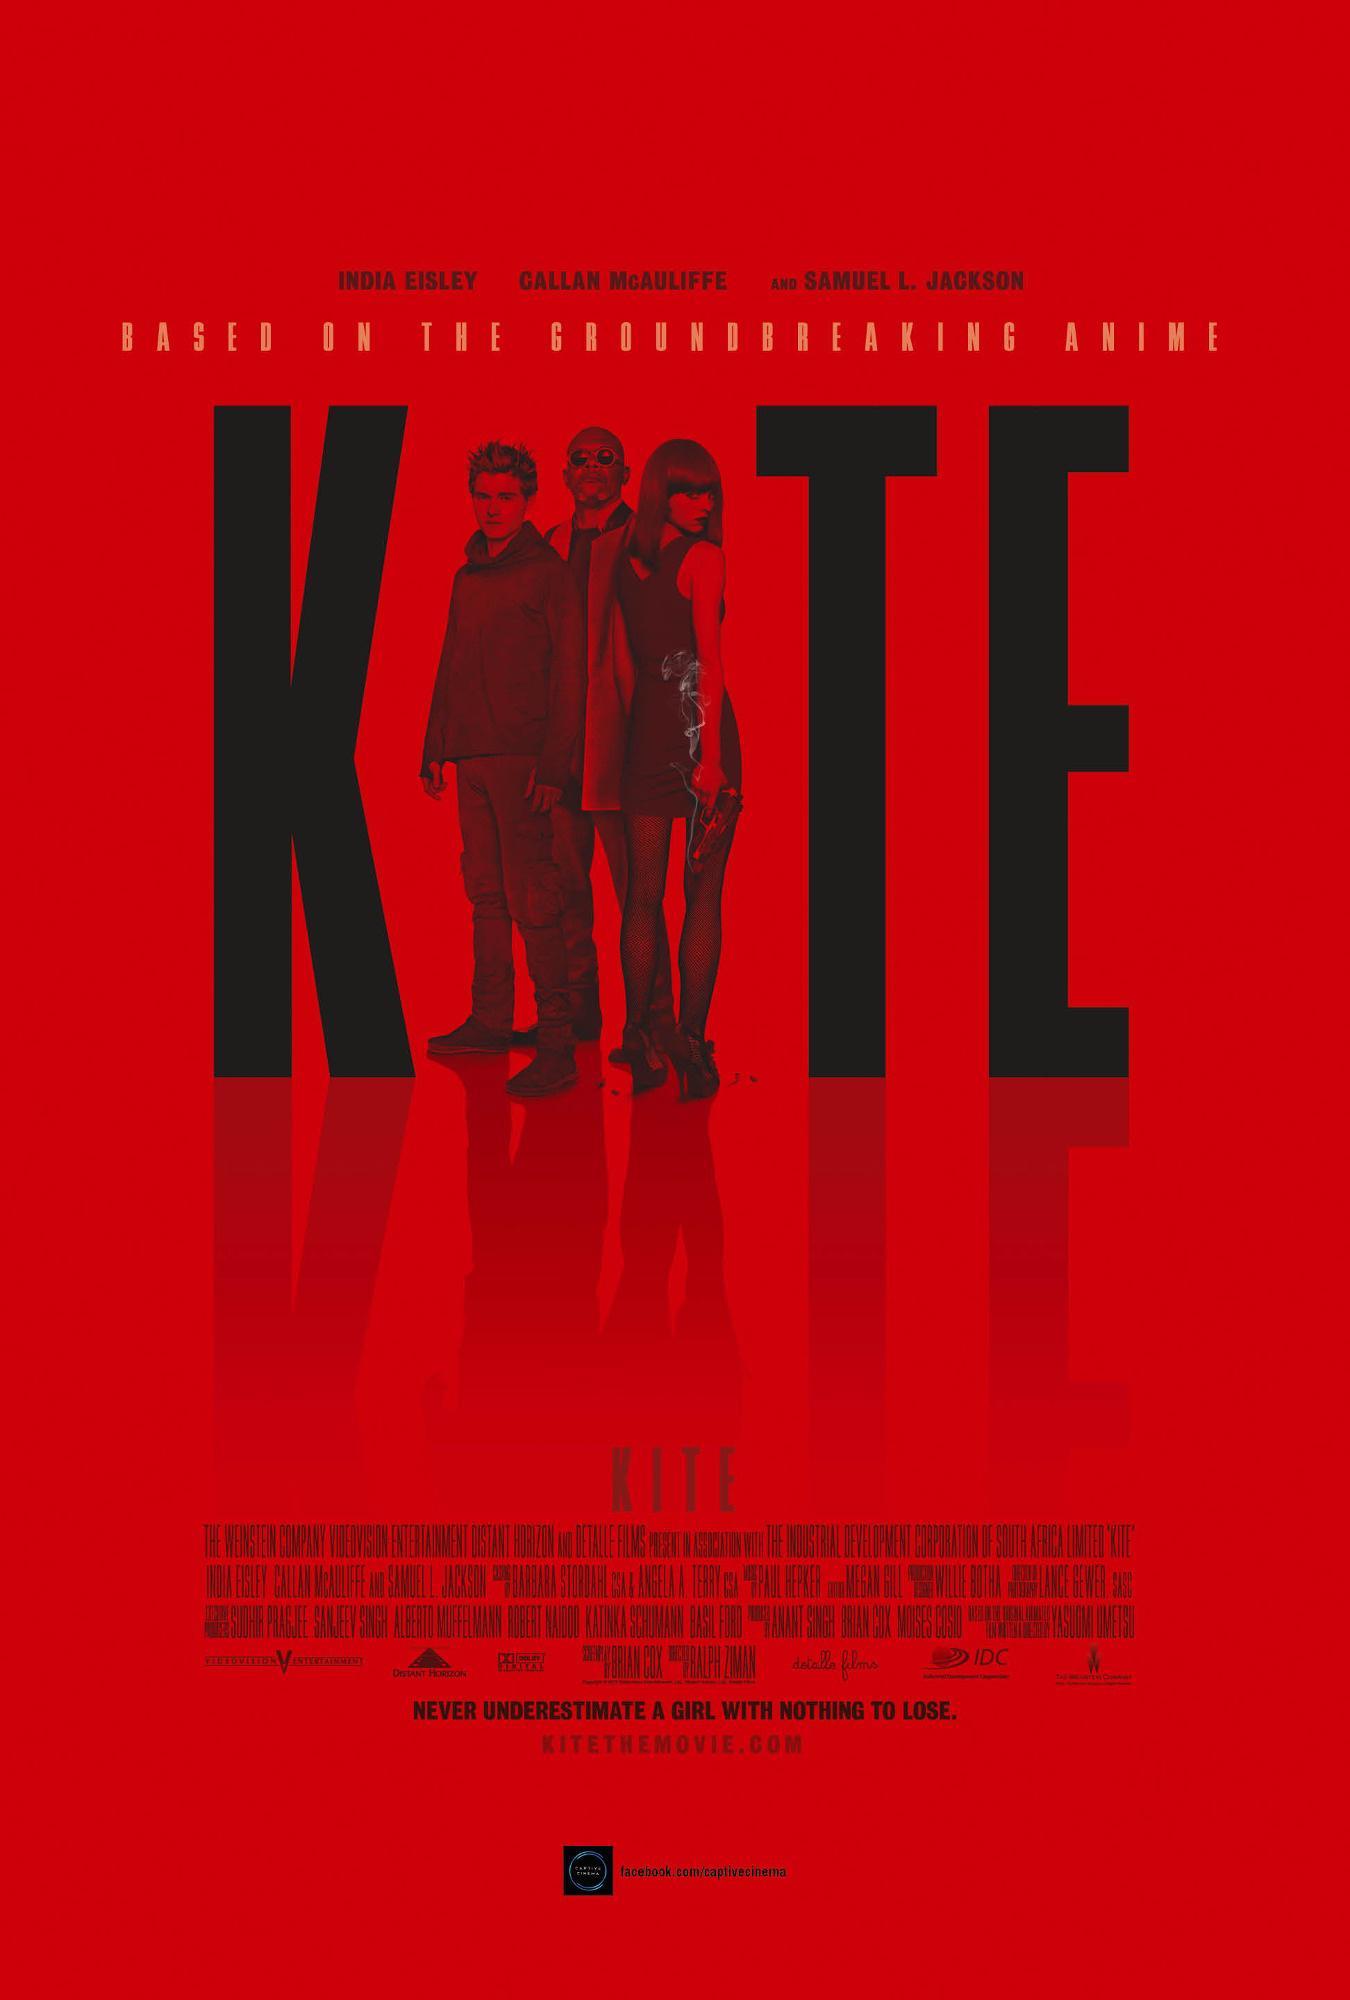 Kite Movie Review English